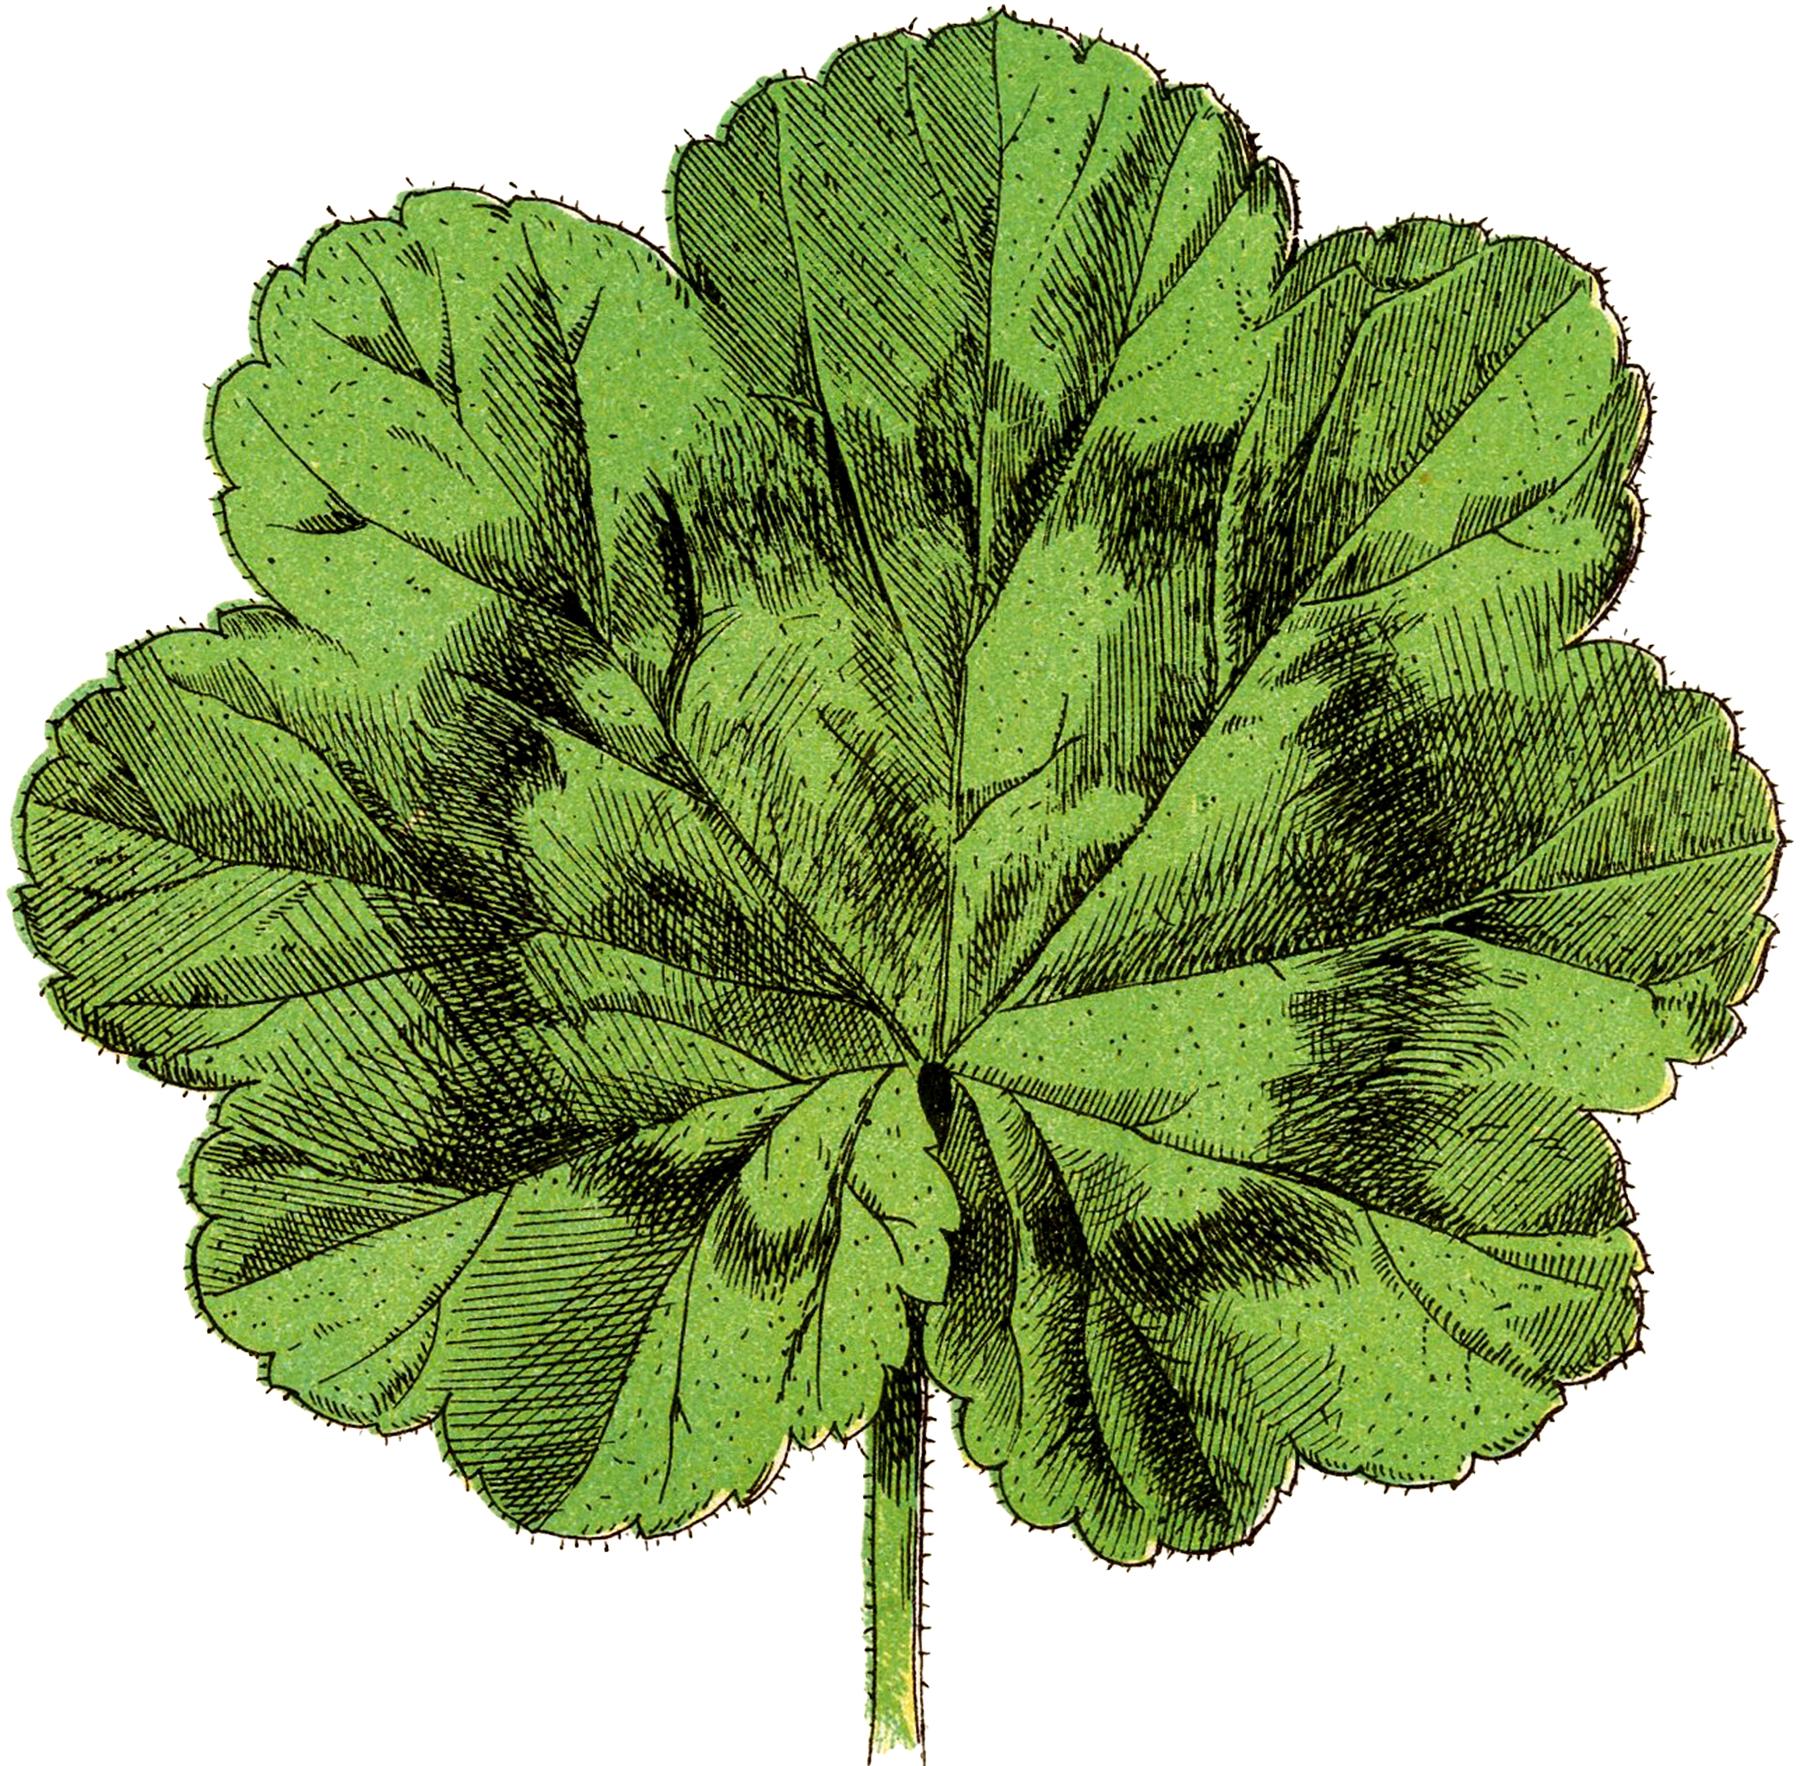 Vintage Geranium Leaf Image